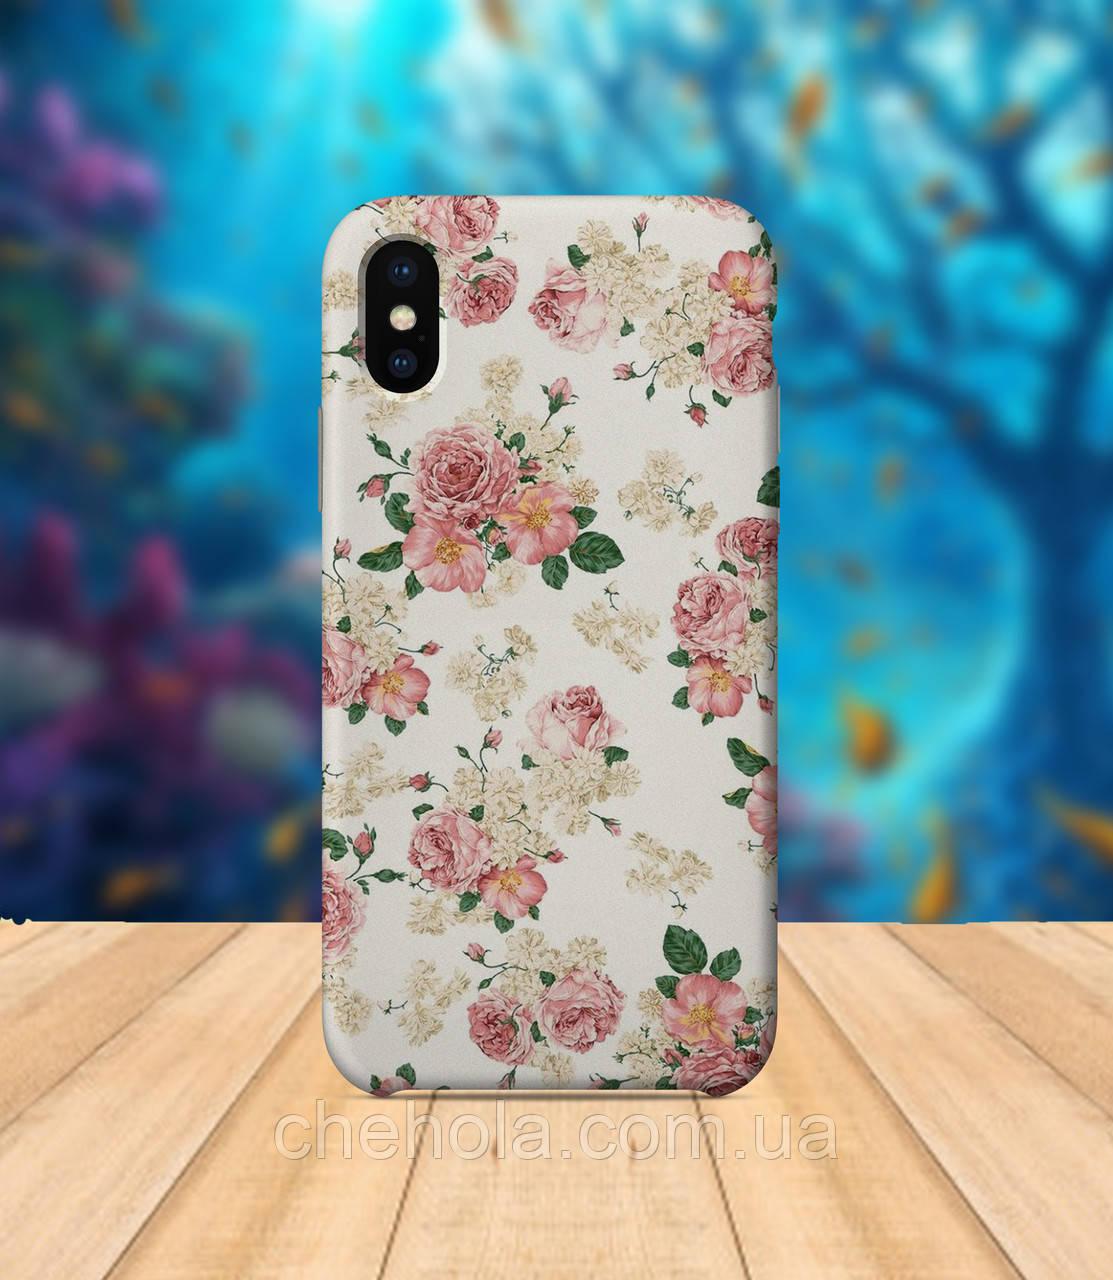 Чехол для apple iphone x XS max Цветы весенний чехол с принтом